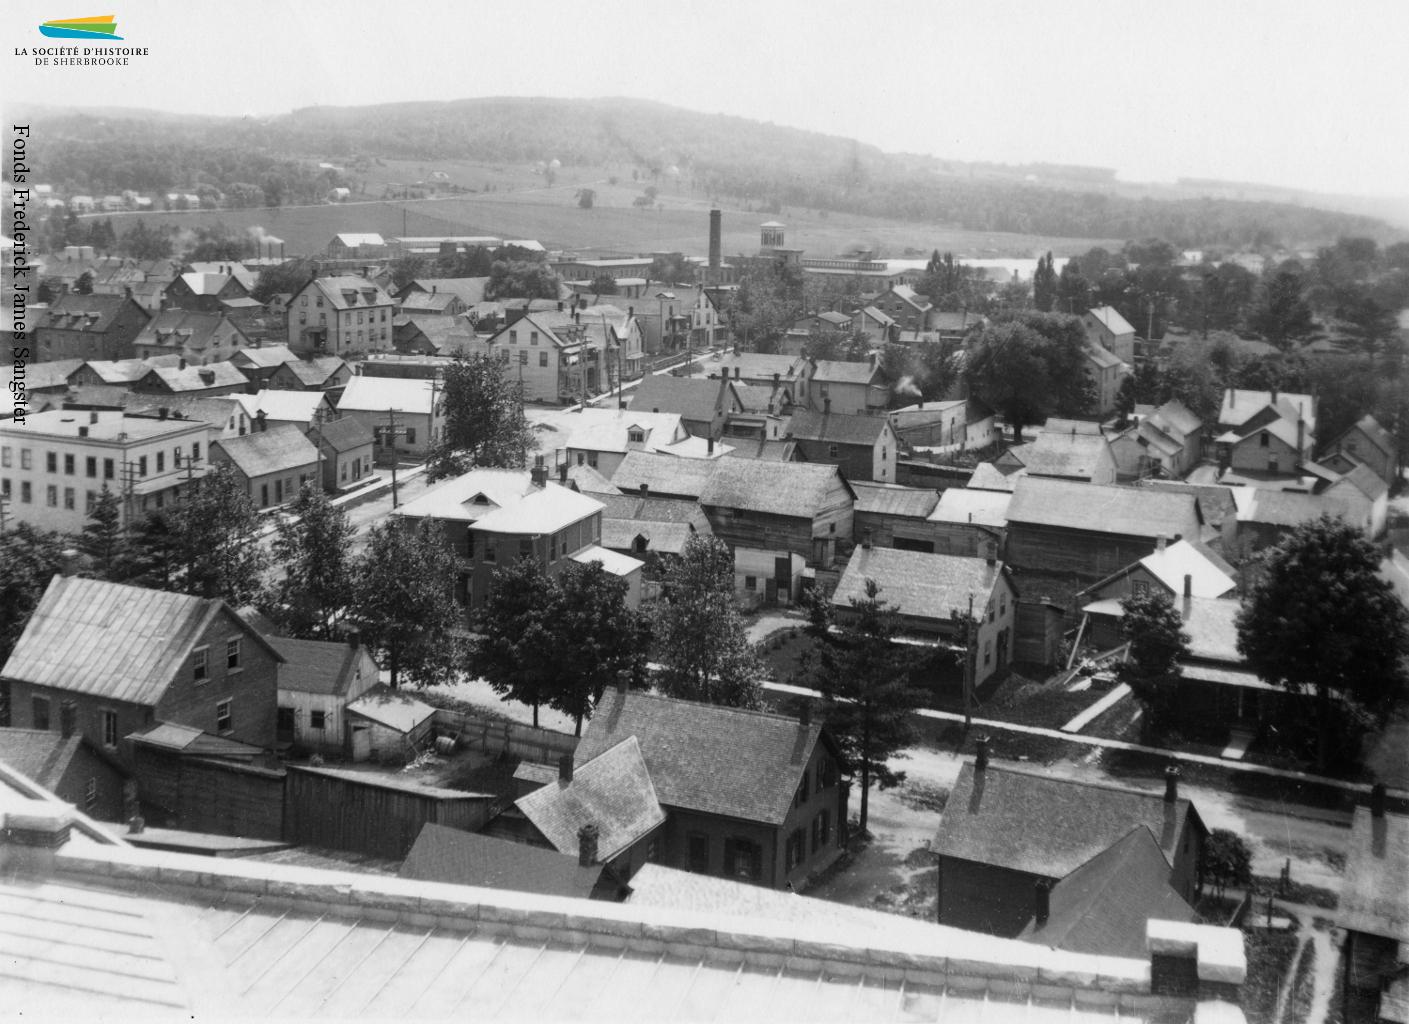 Photographie de la rue Marquette prise depuis le toit du Séminaire, avec la Paton et le Mont Bellevue à l'arrière-plan, vers 1906. La British American Land Company trace cette rue et les autres du Plateau-Marquette dès 1835, ce qui en fait le plus vieux quartier ouvrier de Sherbrooke.